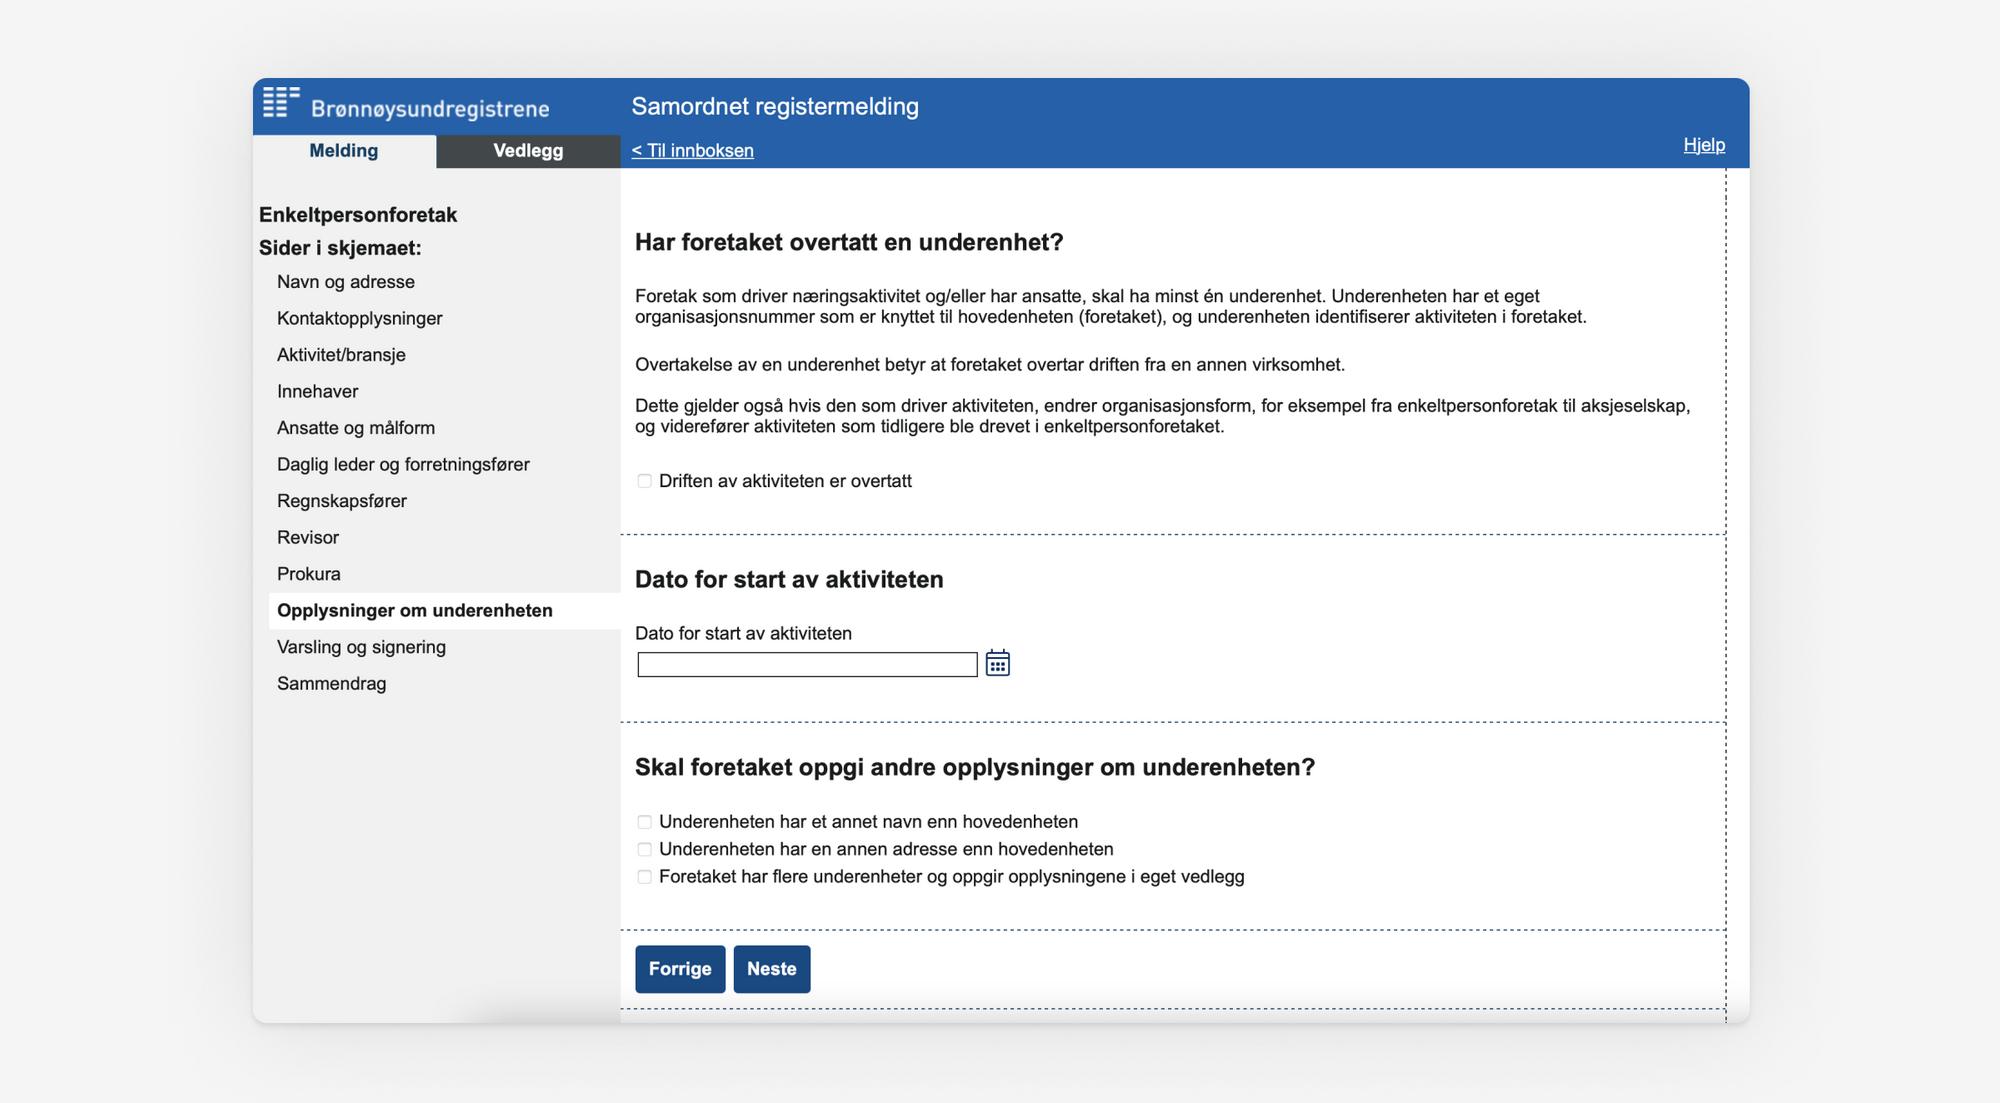 Skjermbilde som viser punktet om Informasjon om underenhet i Samordnet registermelding